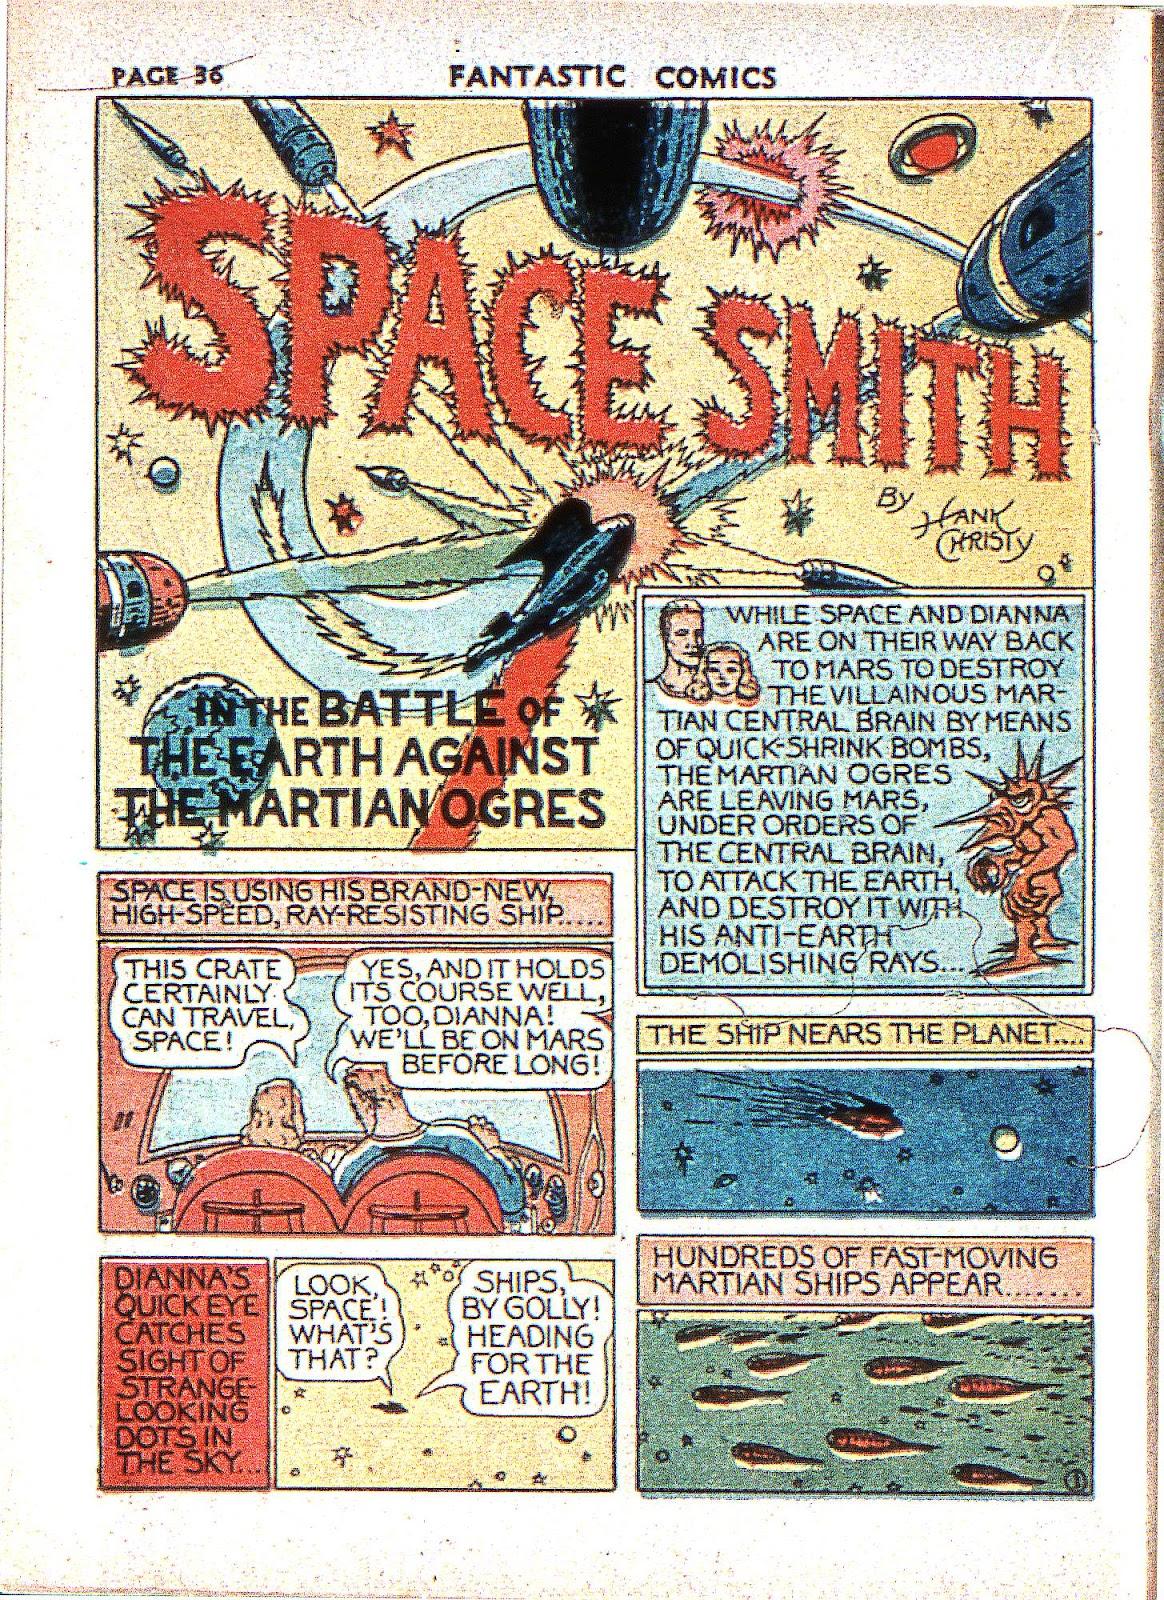 Read online Fantastic Comics comic -  Issue #2 - 37